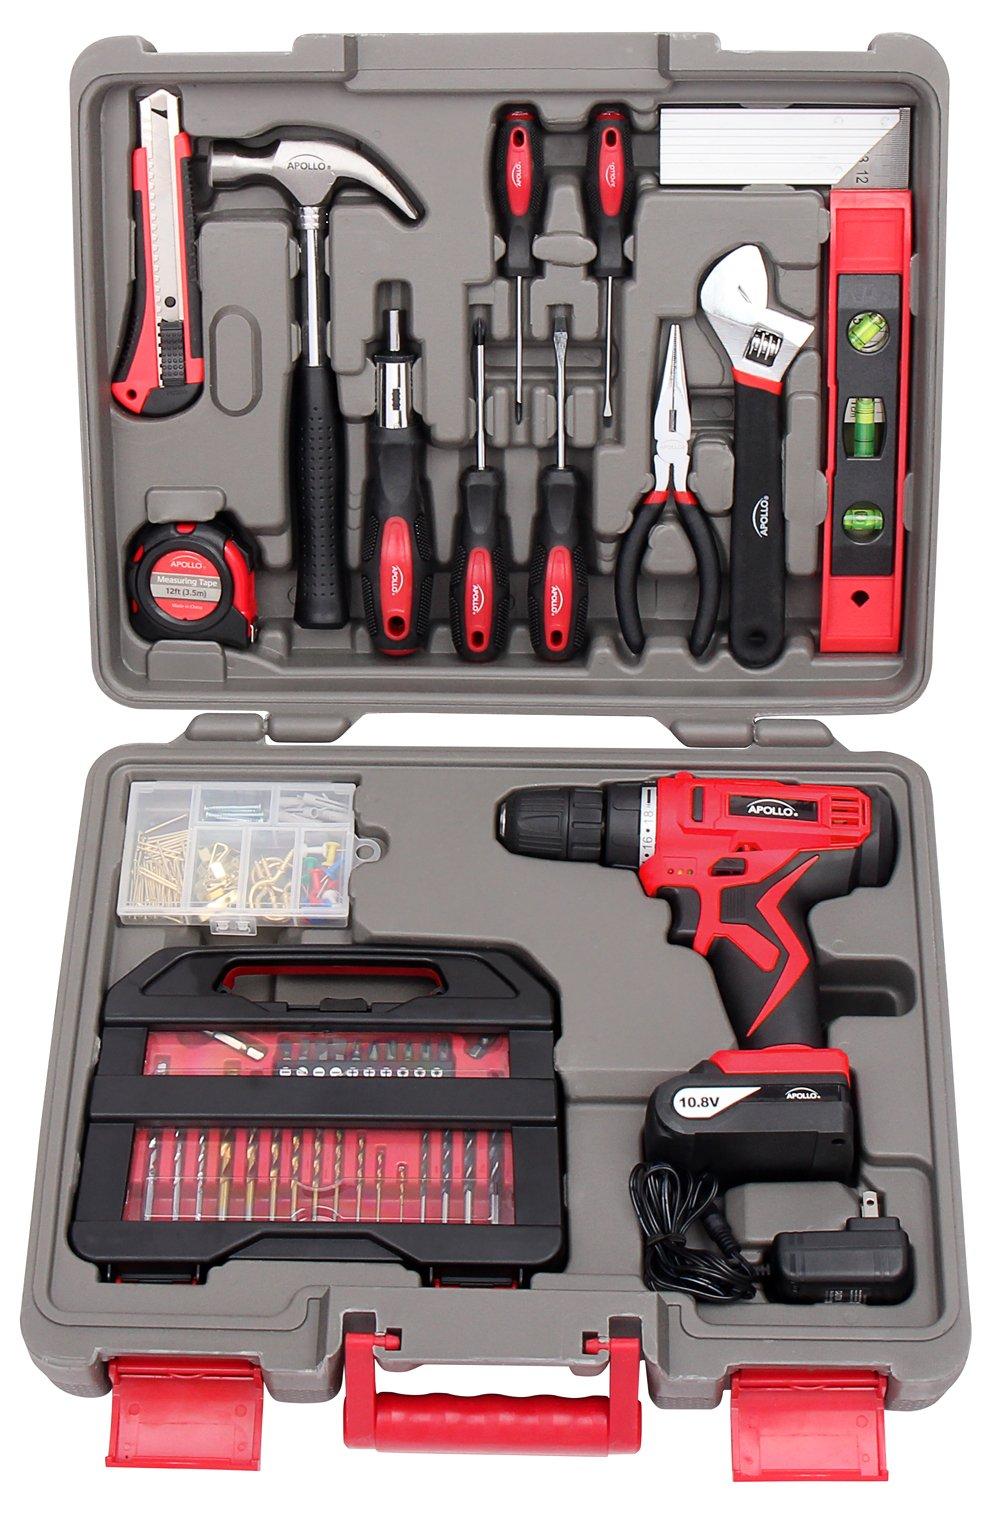 Apollo Precision Tools DT0219 Household Tool Kit, 143-Piece by Apollo Tools